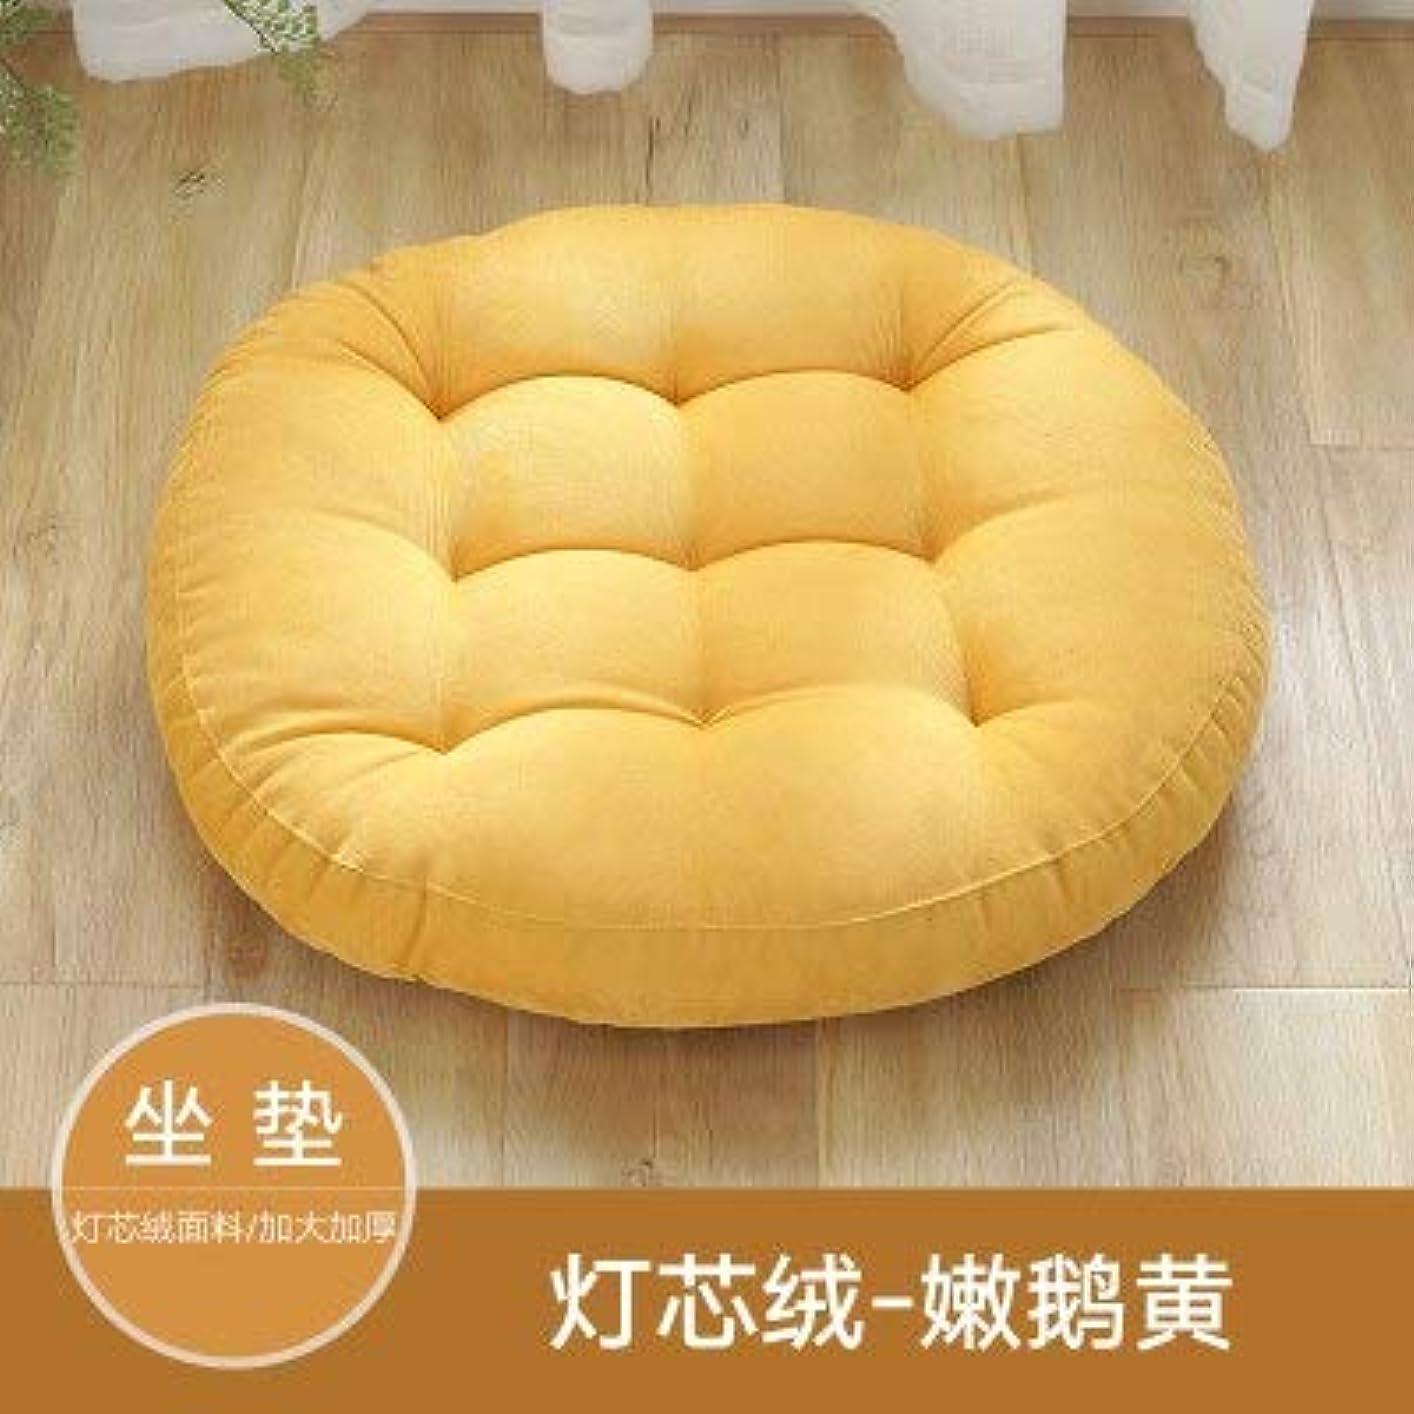 スリッパスラックカエルLIFE ラウンド厚い椅子のクッションフロアマットレスシートパッドソフトホームオフィスチェアクッションマットソフトスロー枕最高品質の床クッション クッション 椅子